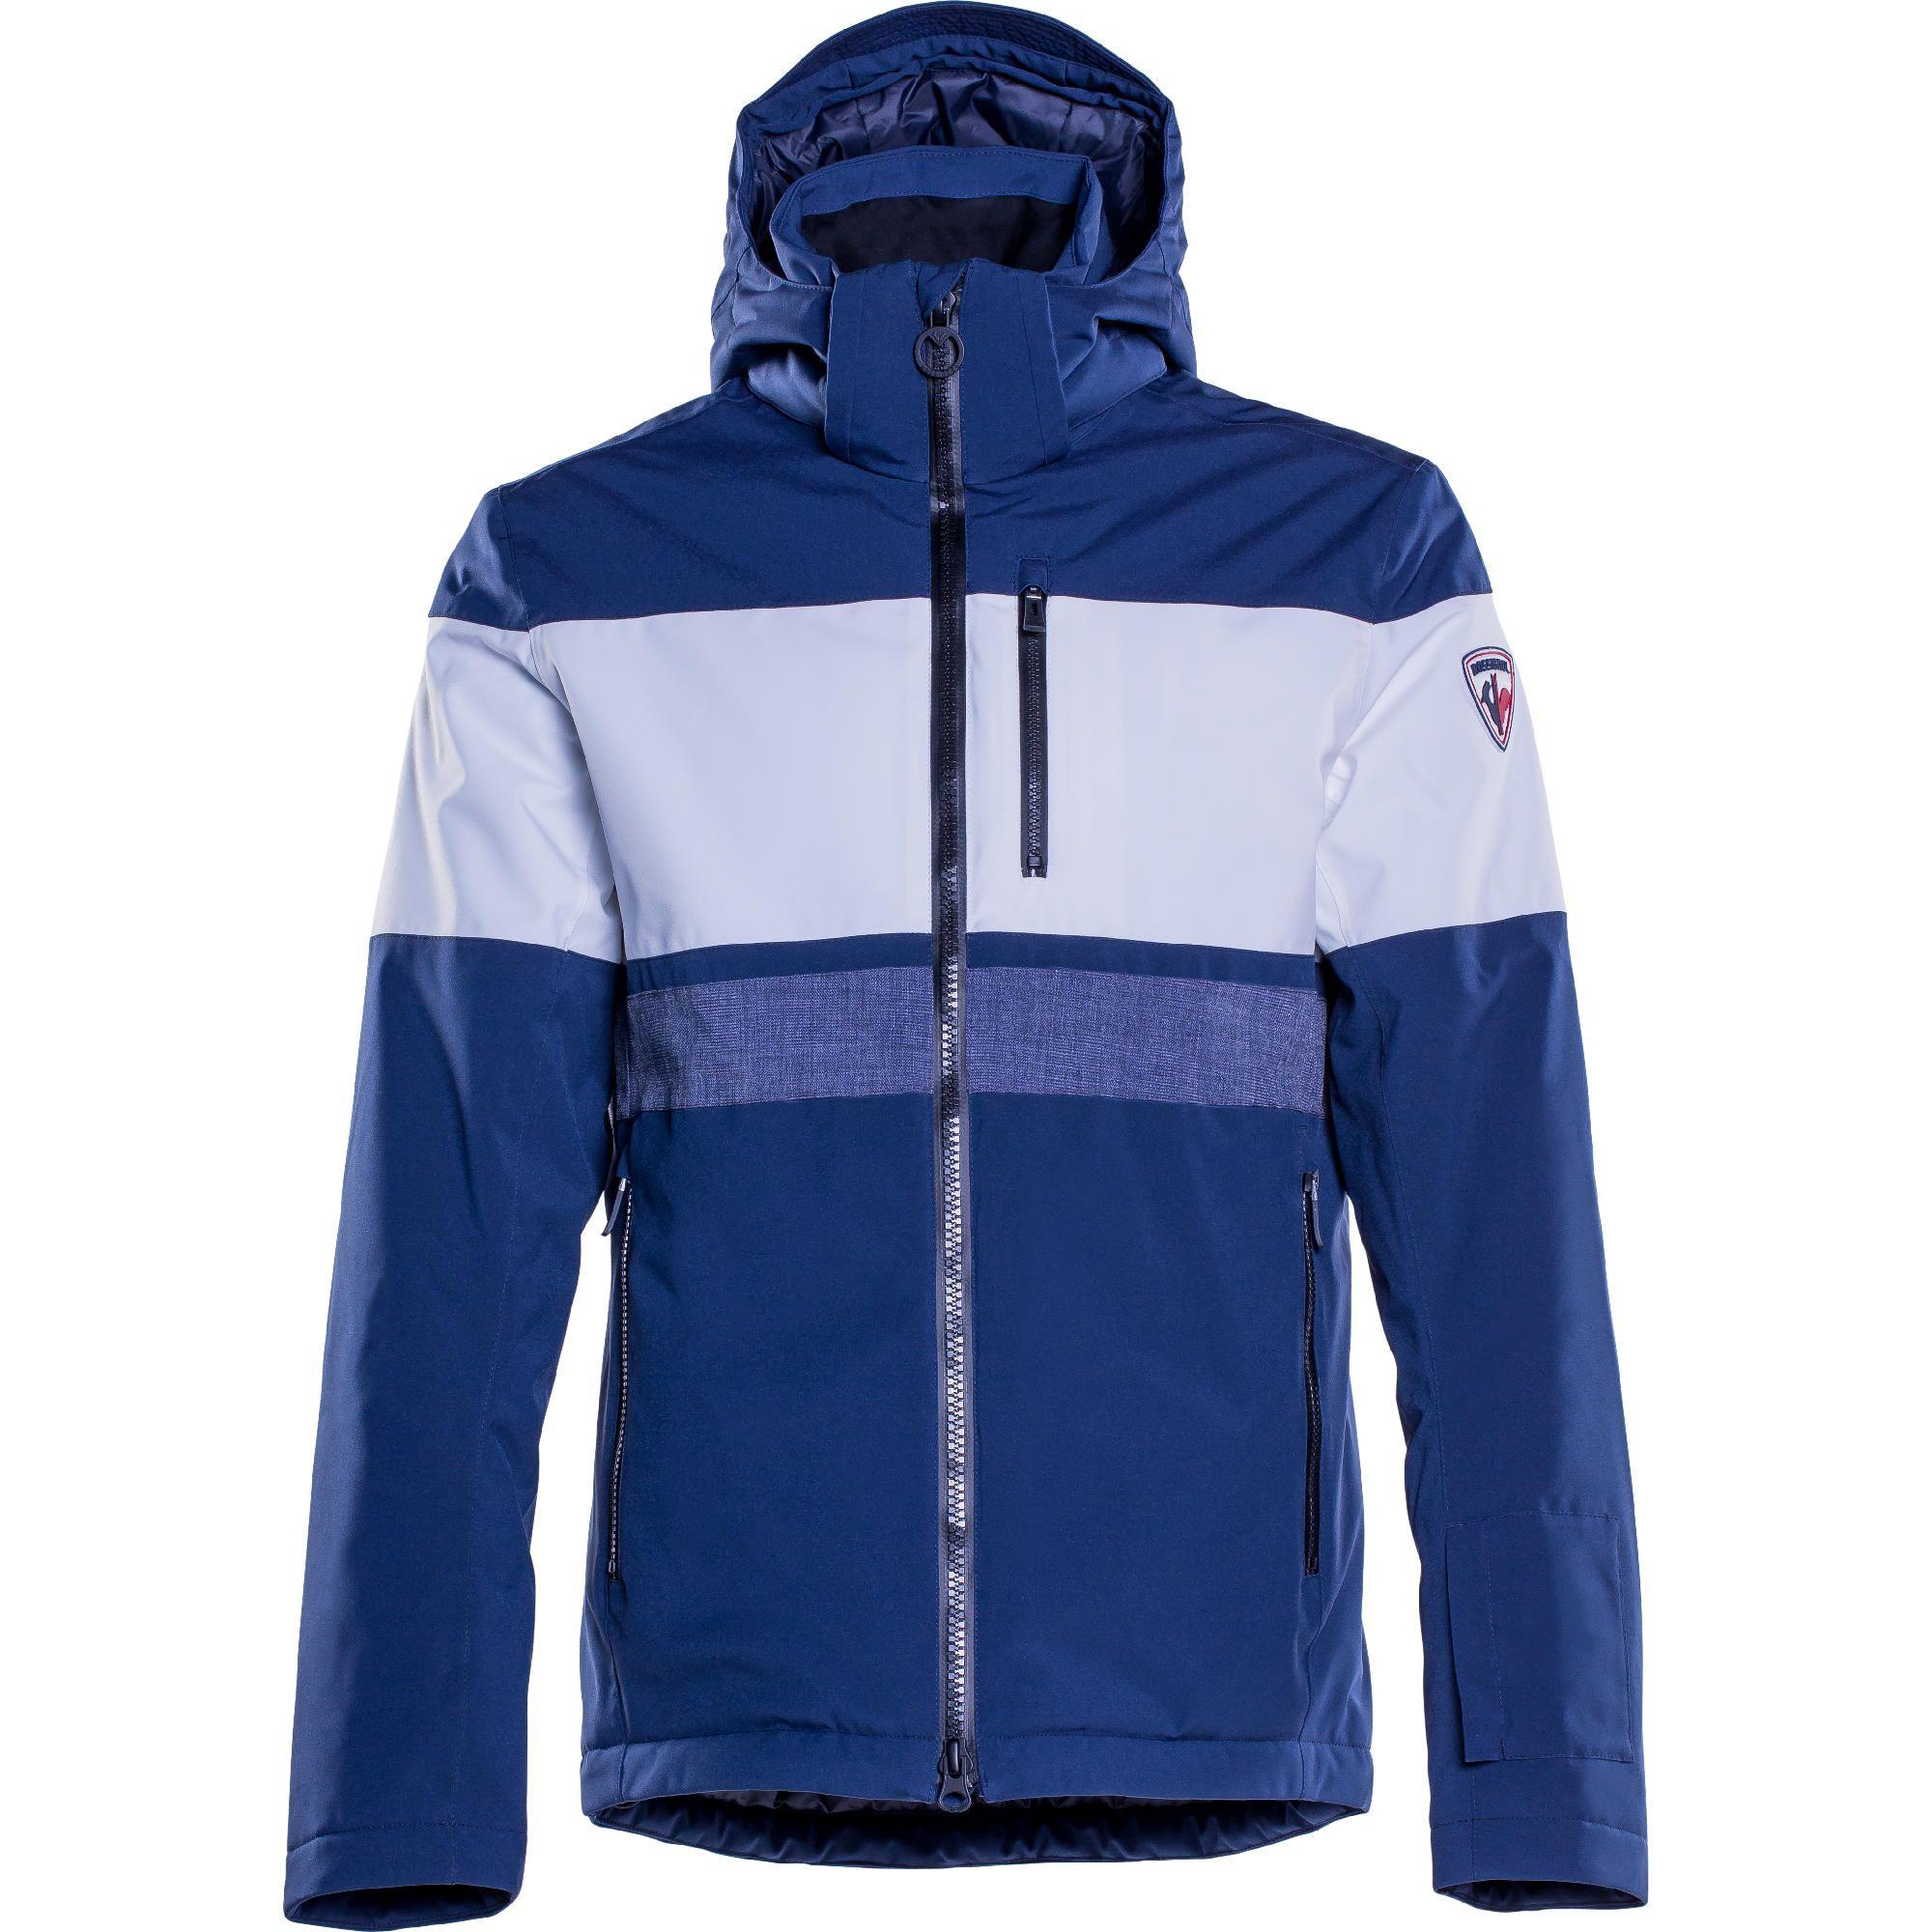 rossignol sideral jacket ski jackets clothing apparel. Black Bedroom Furniture Sets. Home Design Ideas